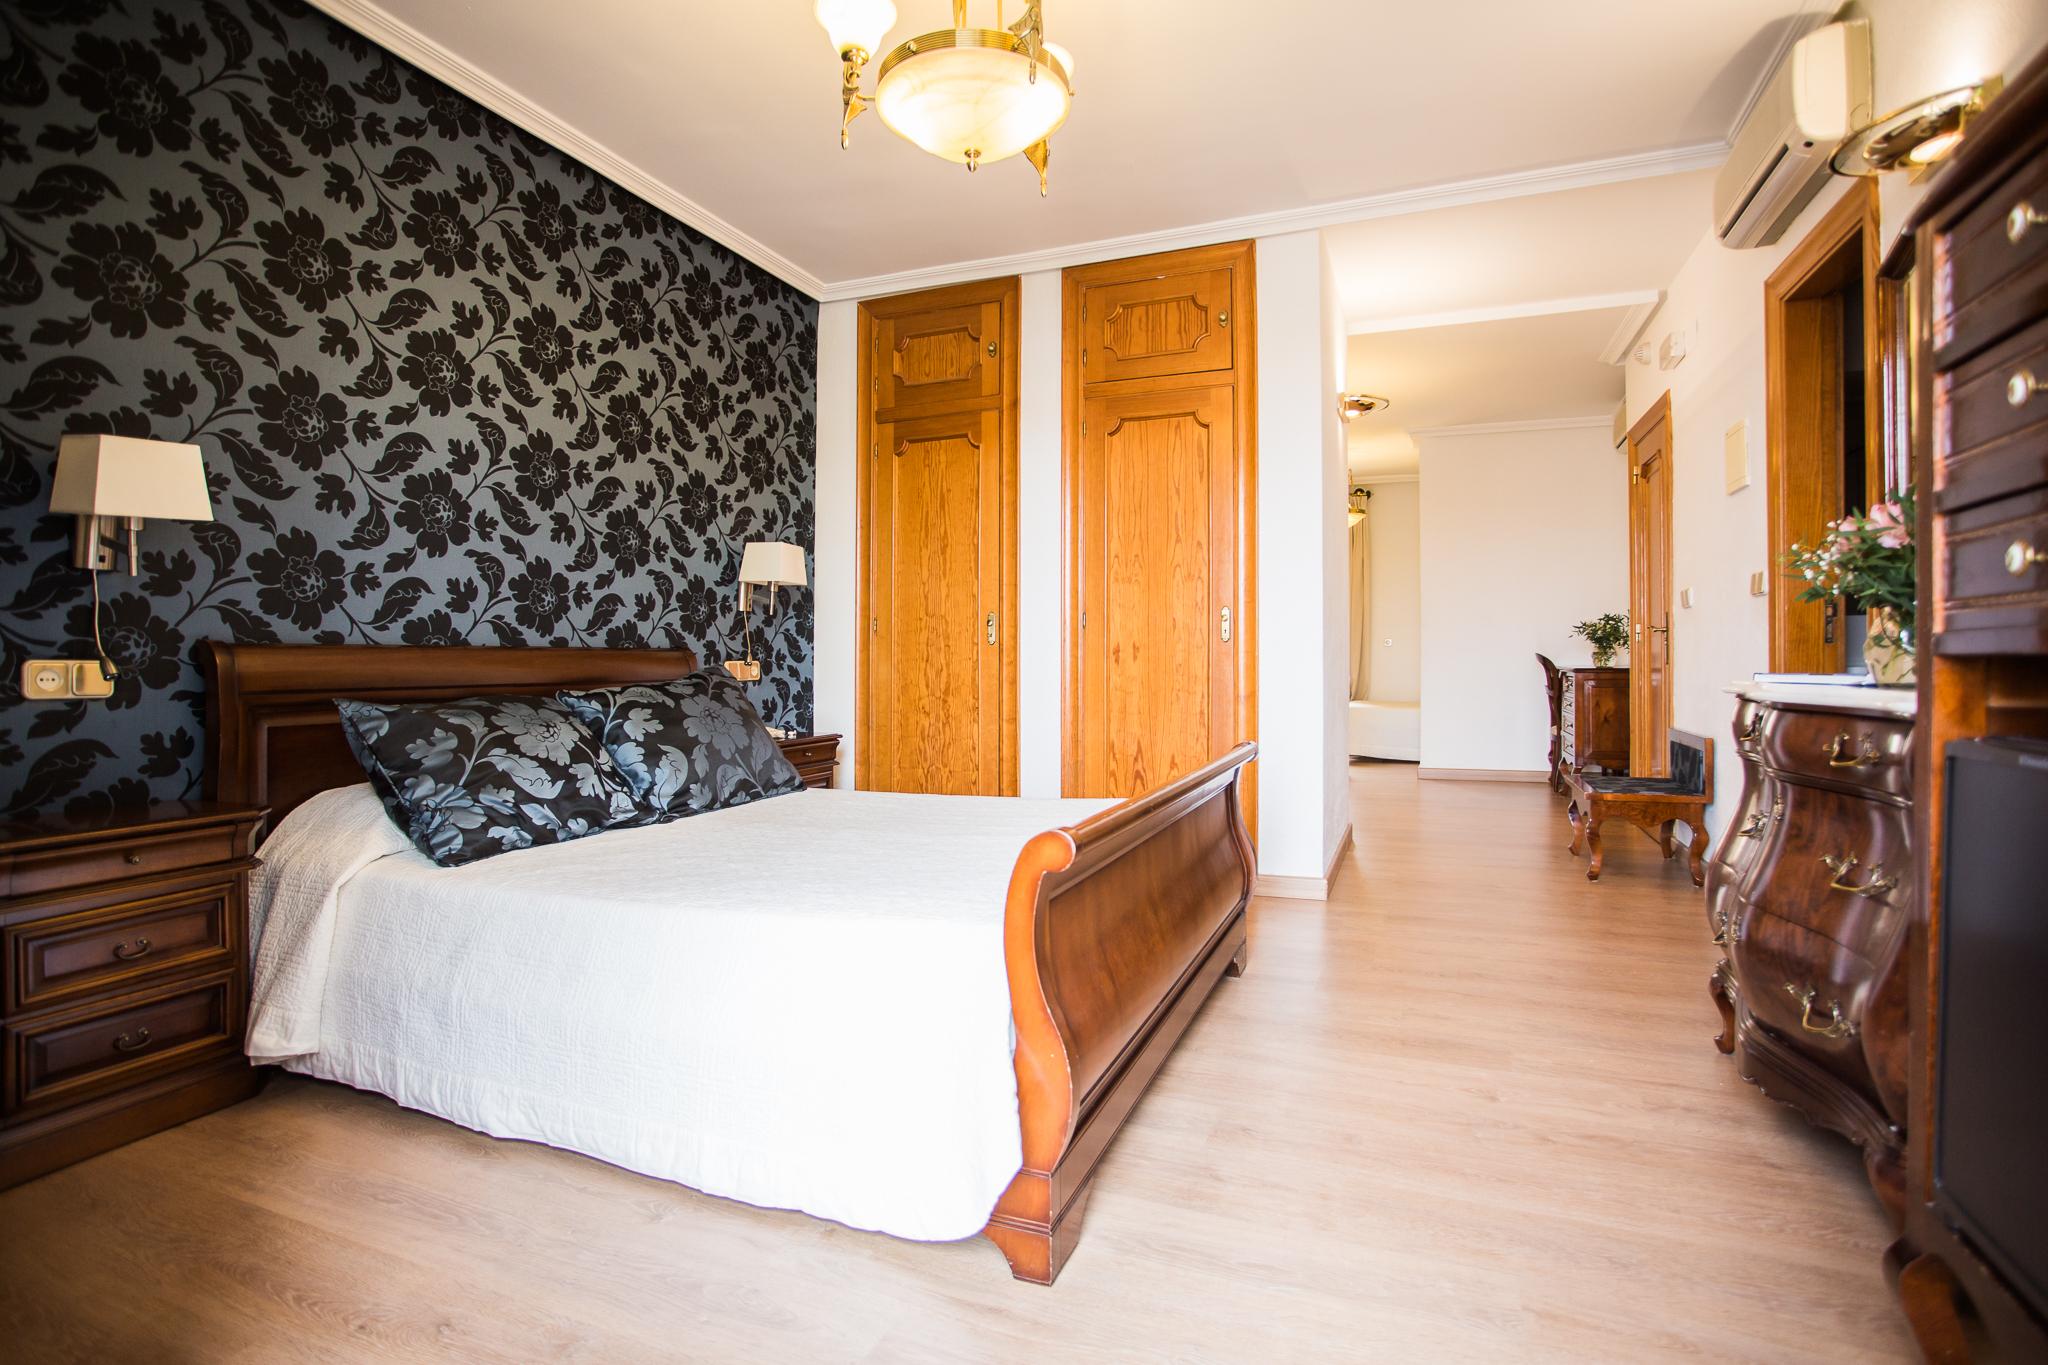 Hotel II VIrrey Palafox: Habitaciones